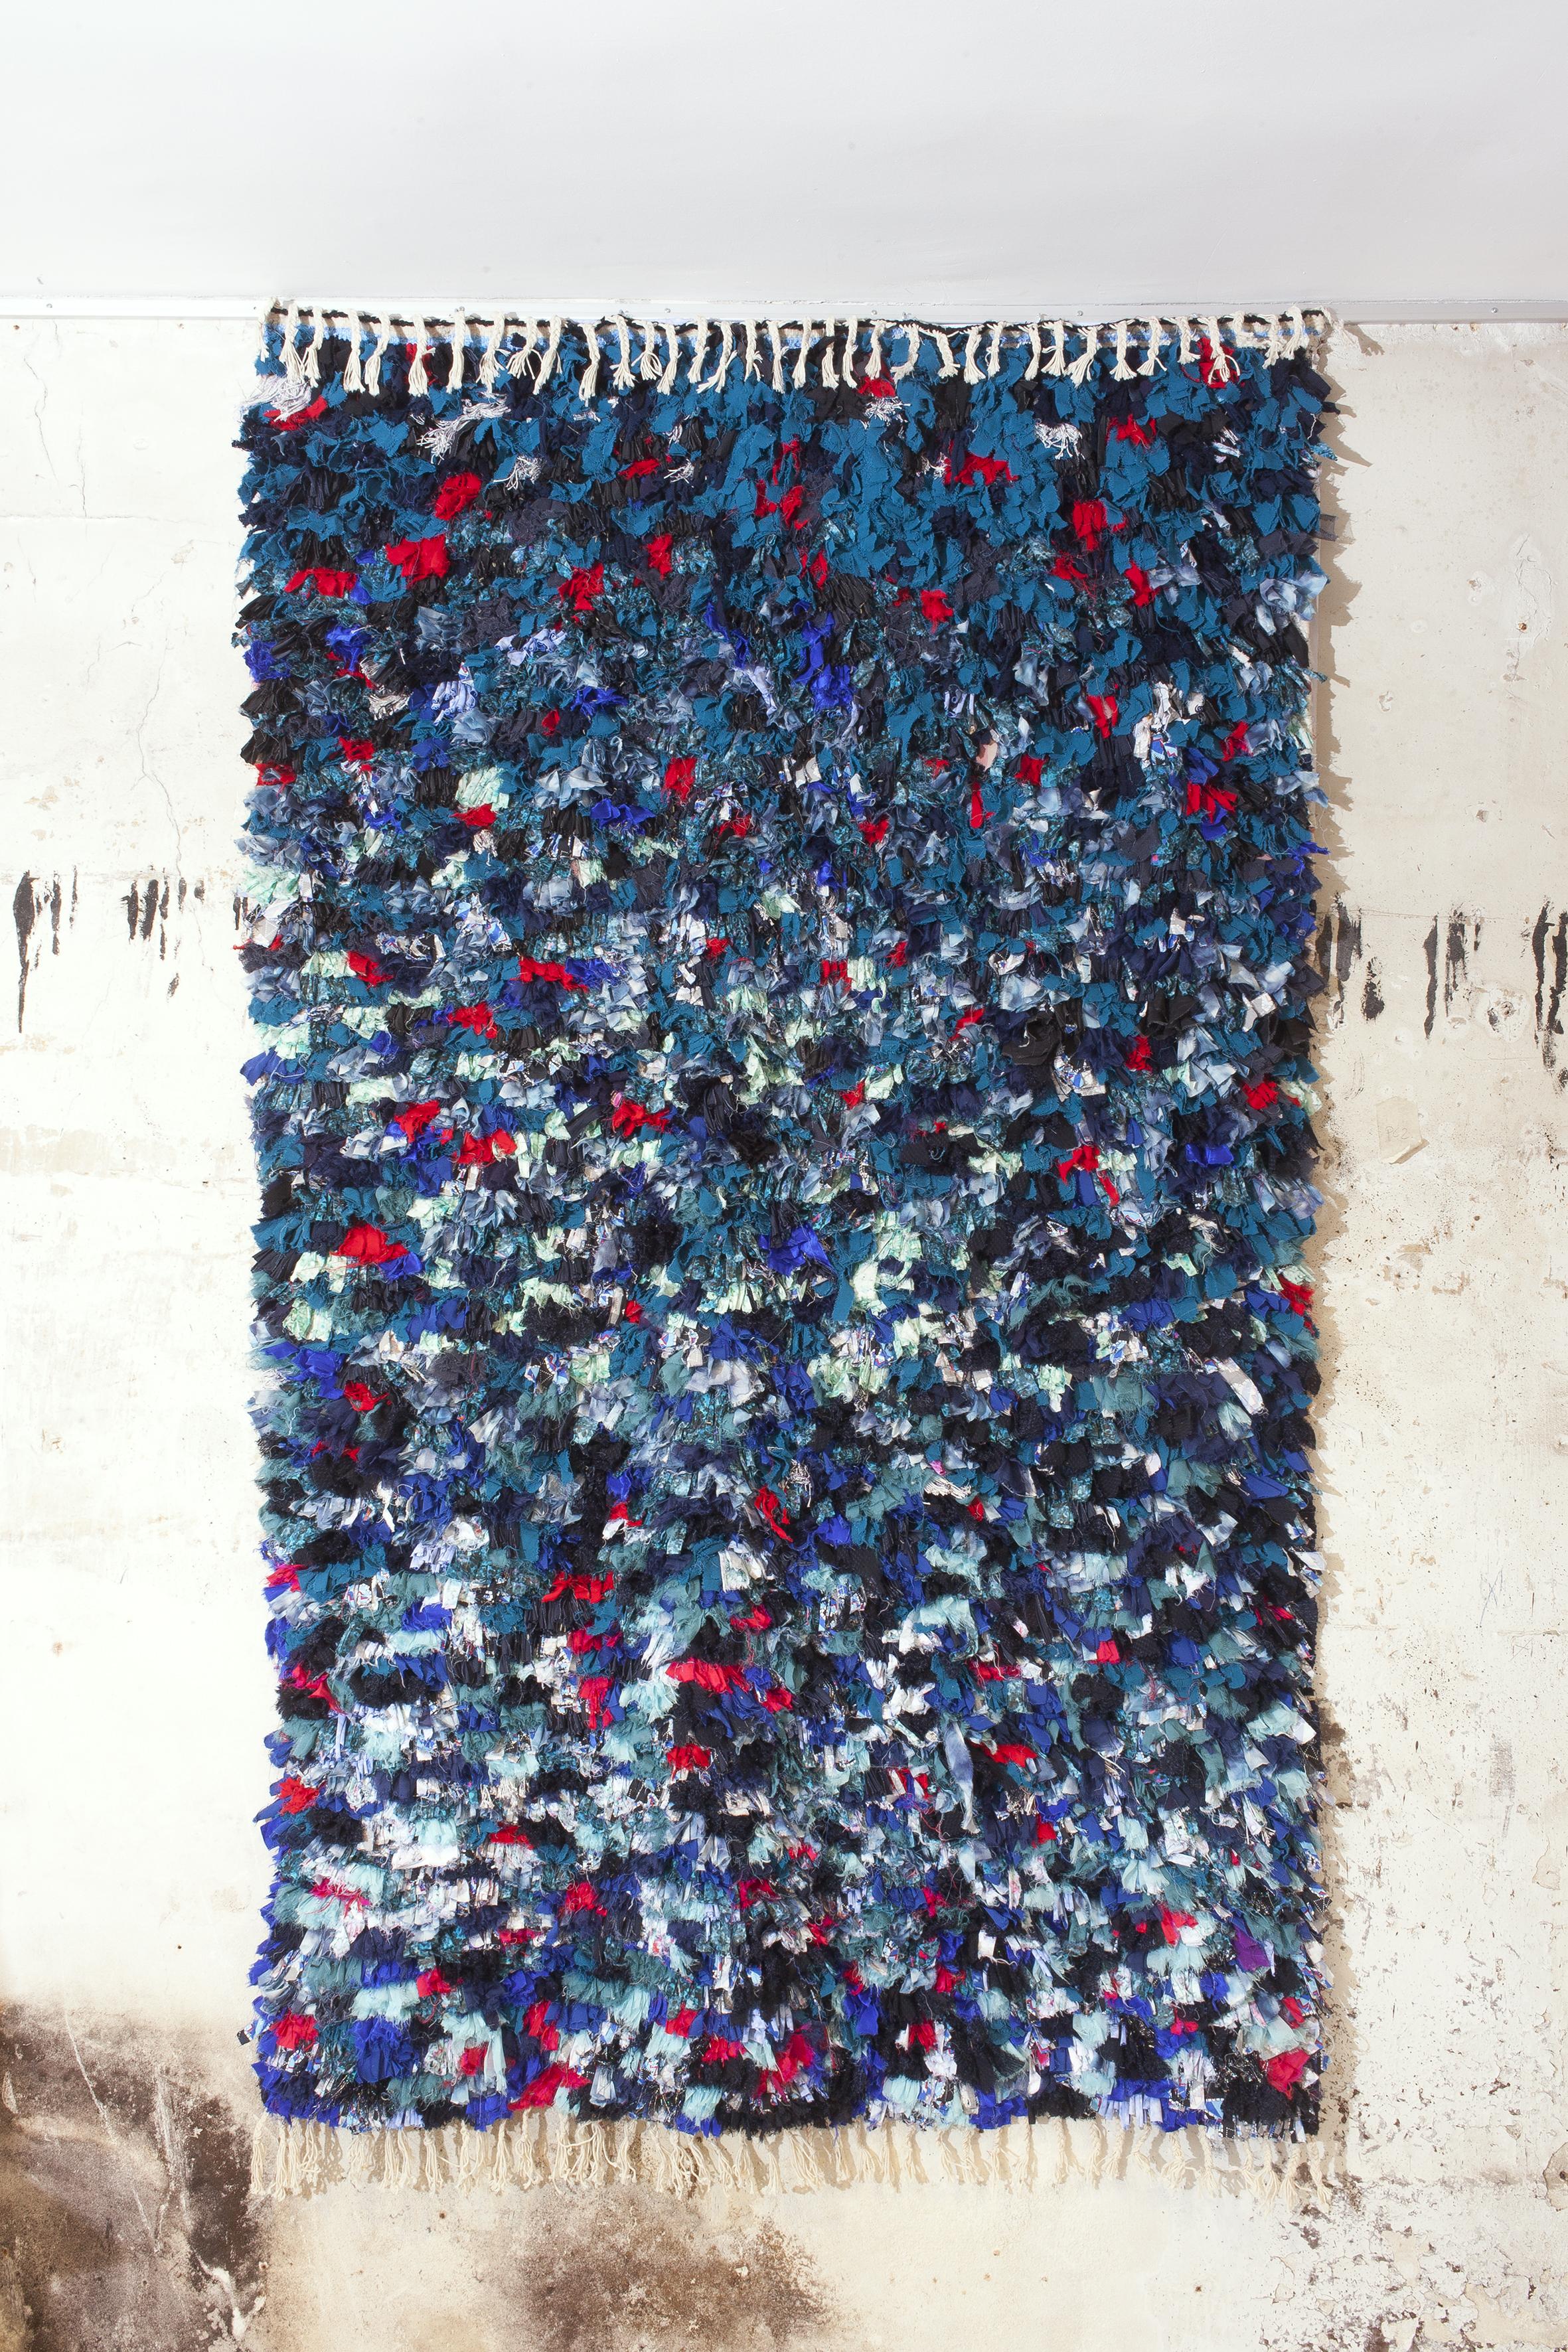 Blue Boucharouite Carpet Calla